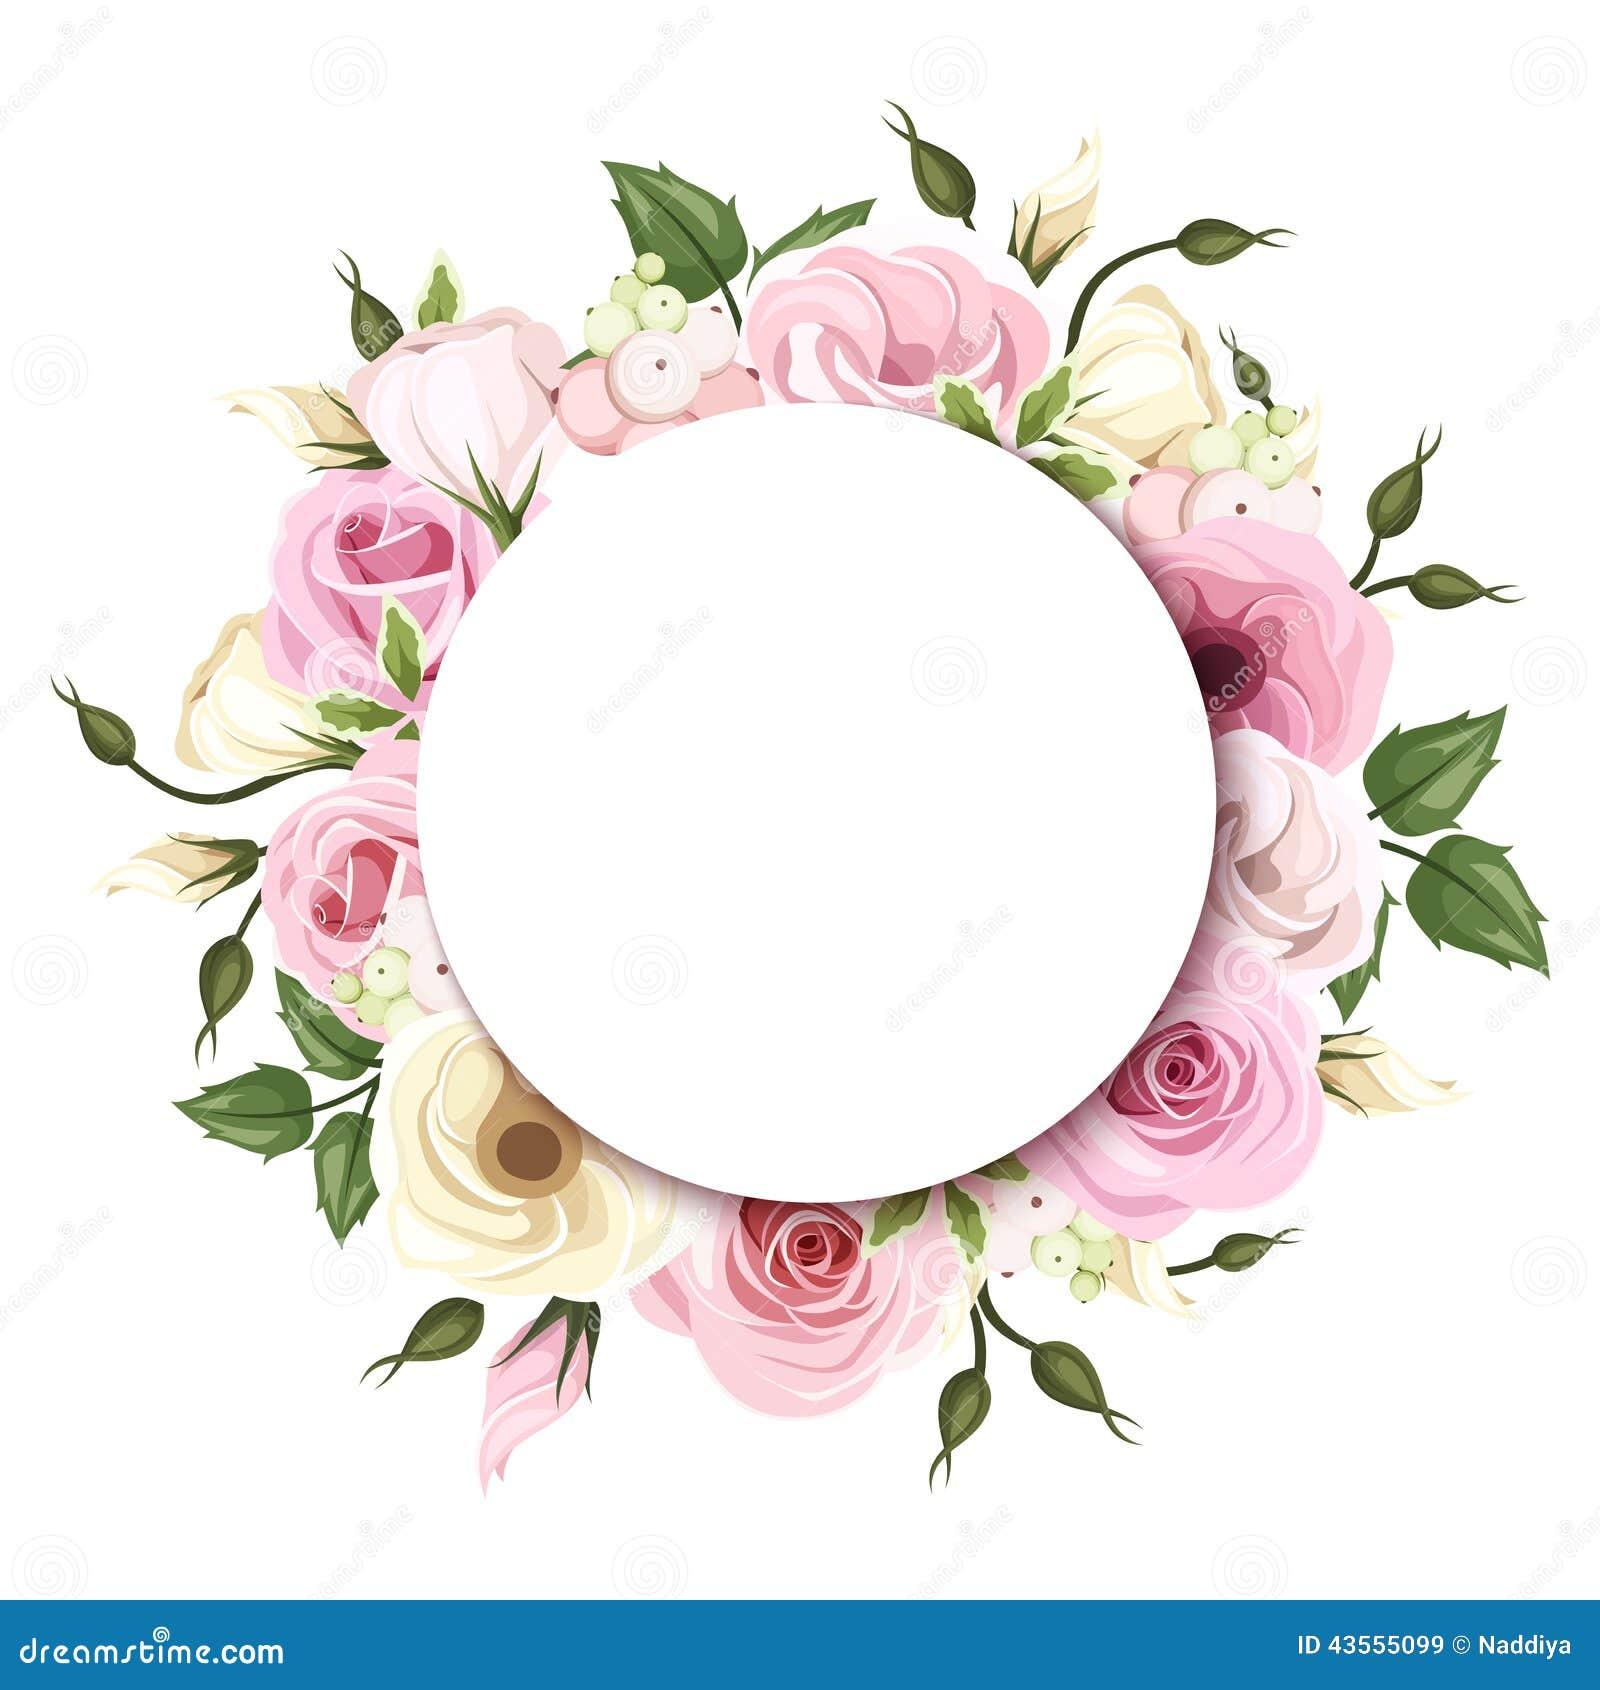 Il fondo con le rose rosa e bianche e il lisianthus fiorisce Vettore EPS-10